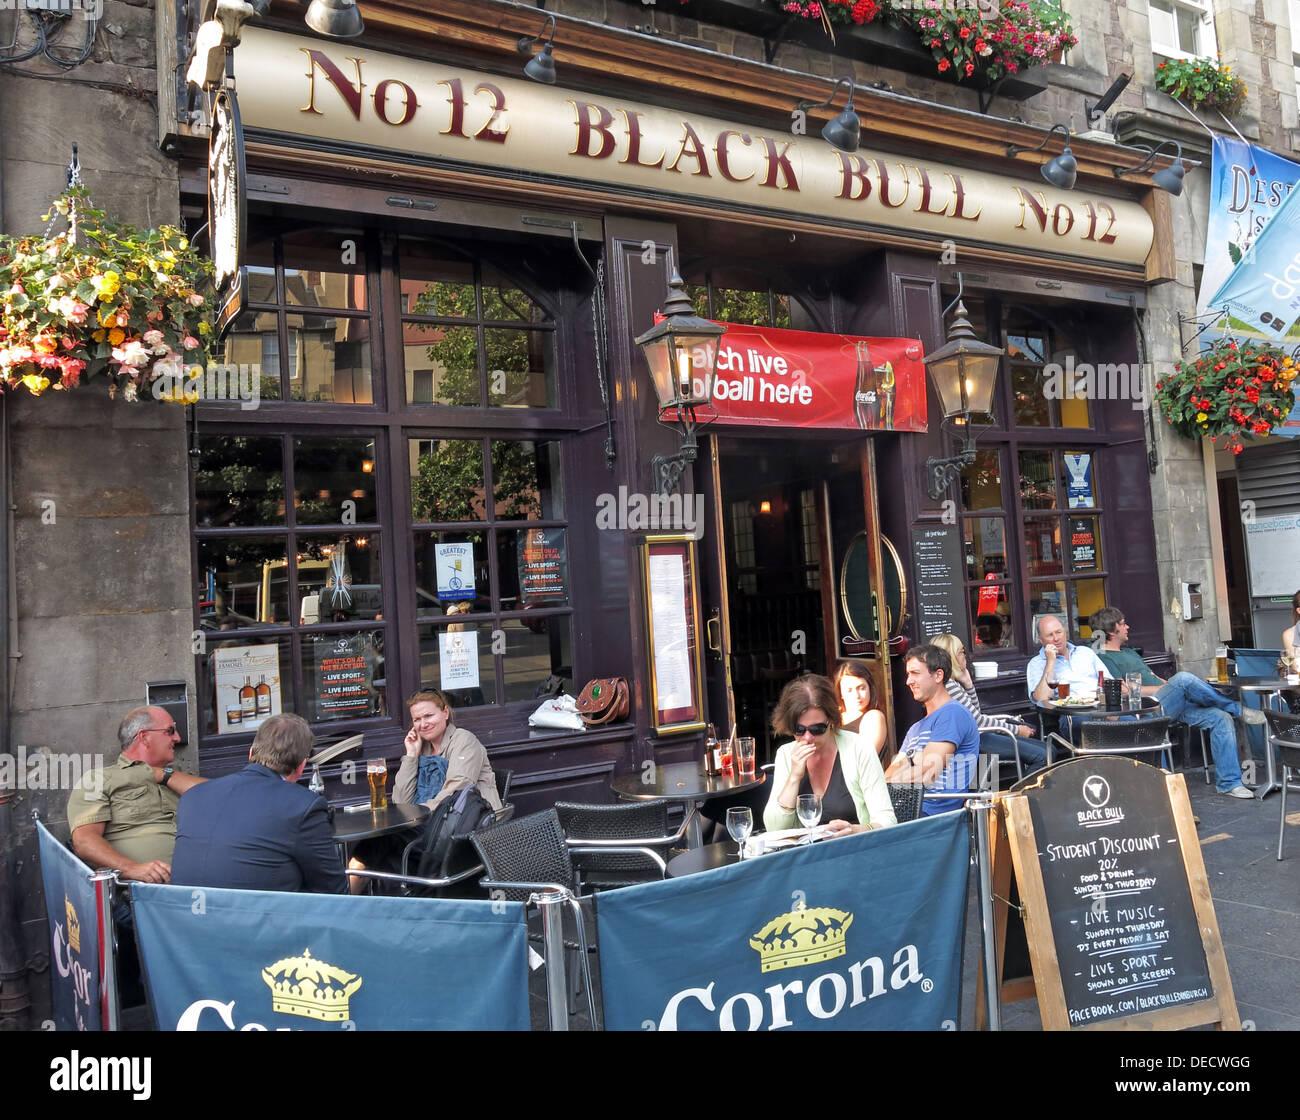 Laden Sie dieses Alamy Stockfoto Nr. 12, schwarzen Stier, 12 Grassmarket, Altstadt, Edinburgh EH1 2JU, Schottland, UK - DECWGG